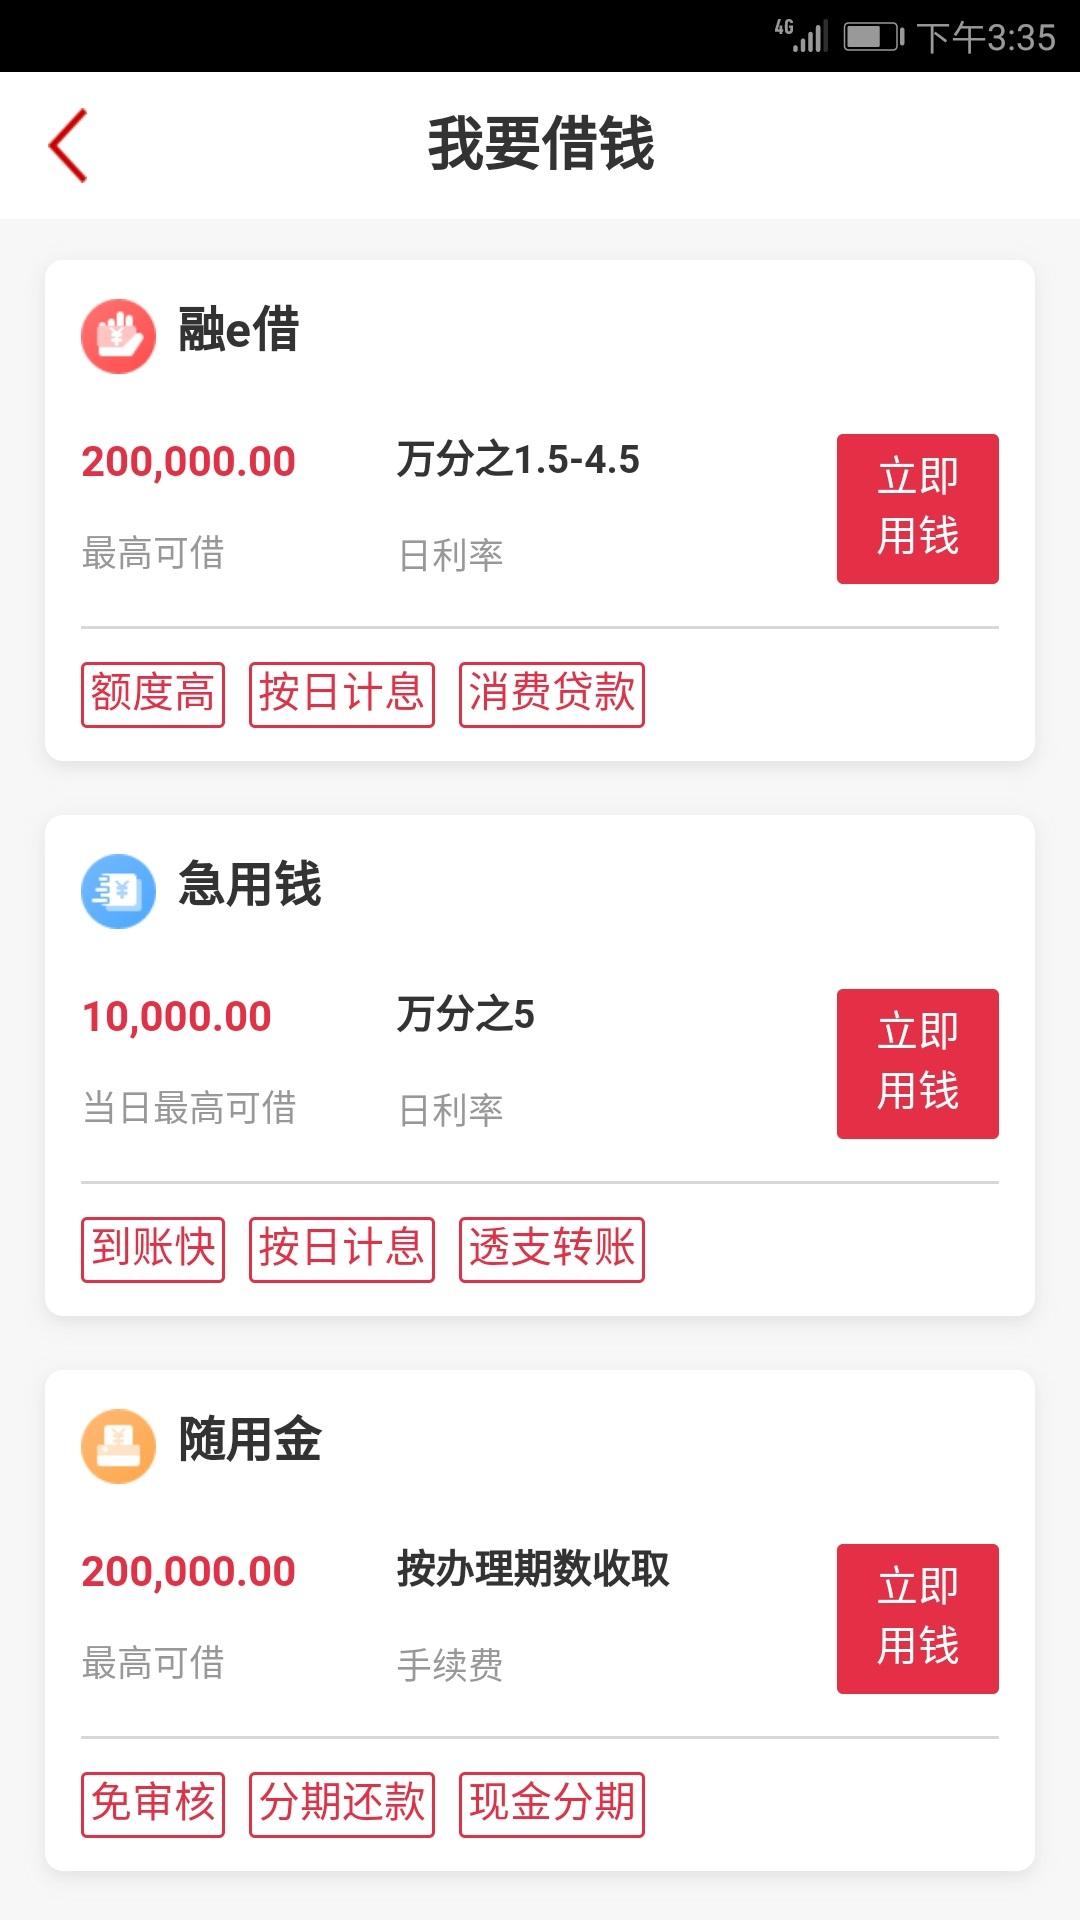 工银e生活app官方版截图3